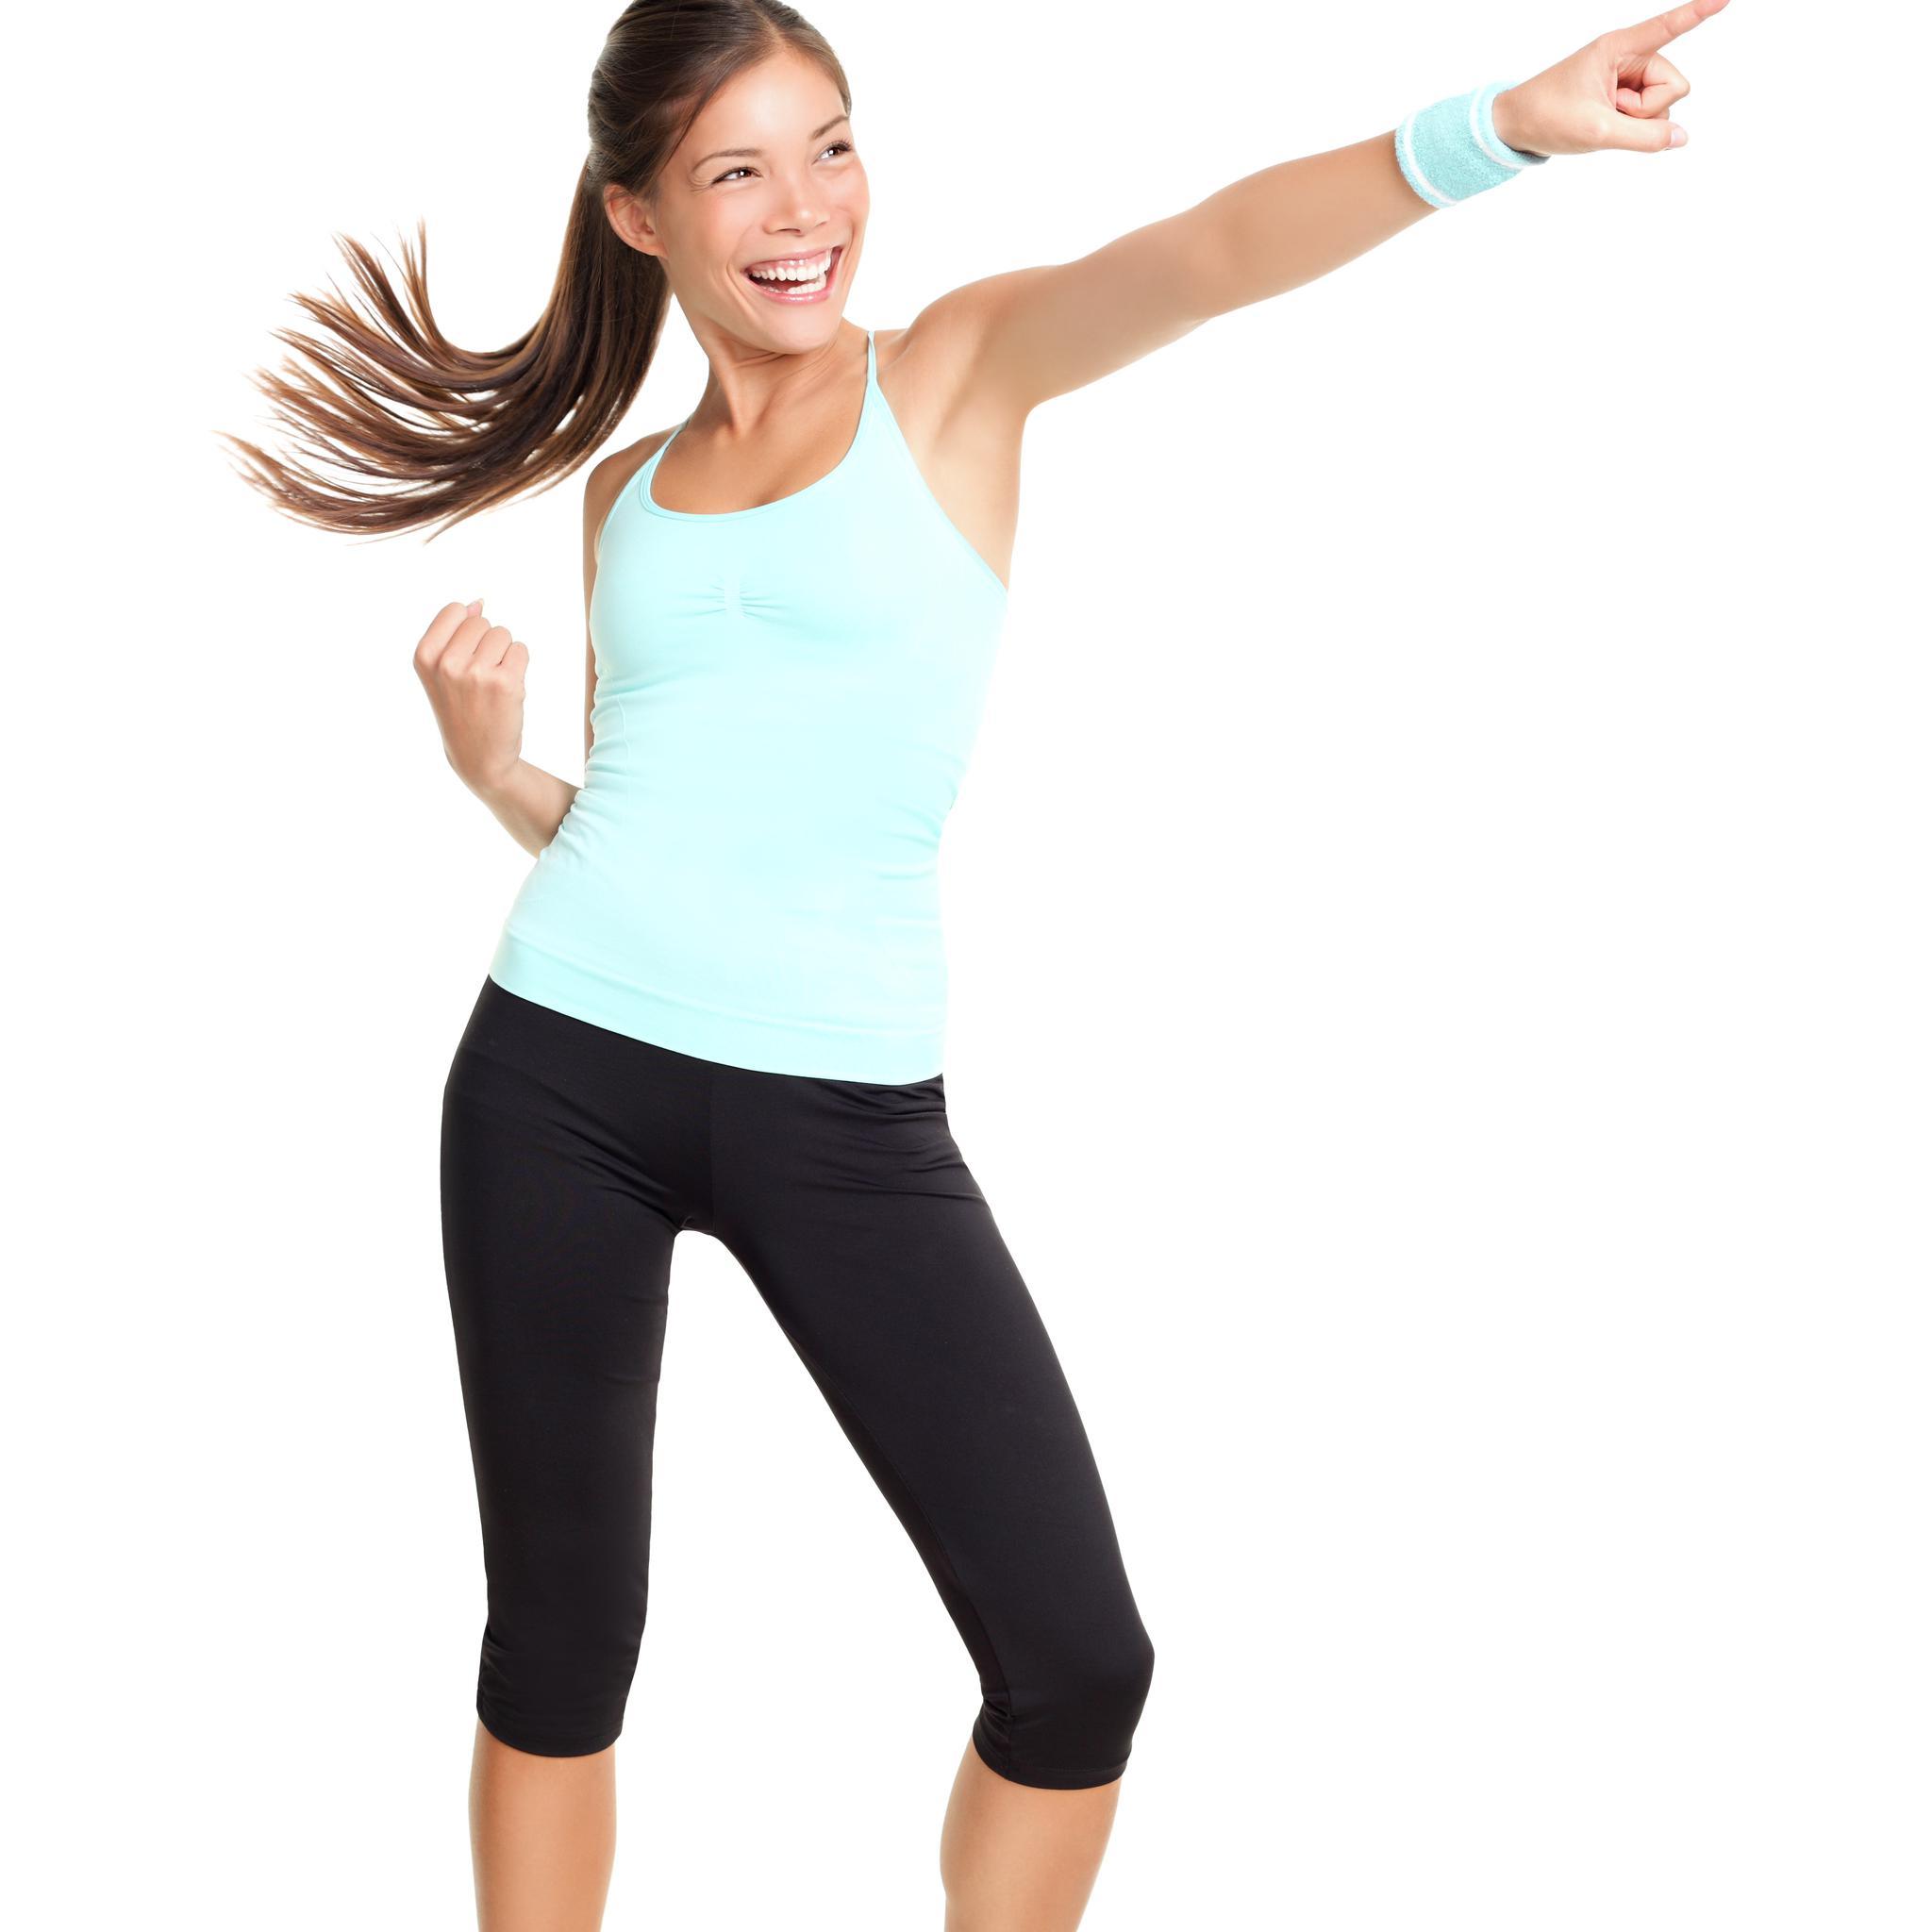 Très Tenue sport fitness femme - Chapka, doudoune, pull & Vetement d'hiver NJ36